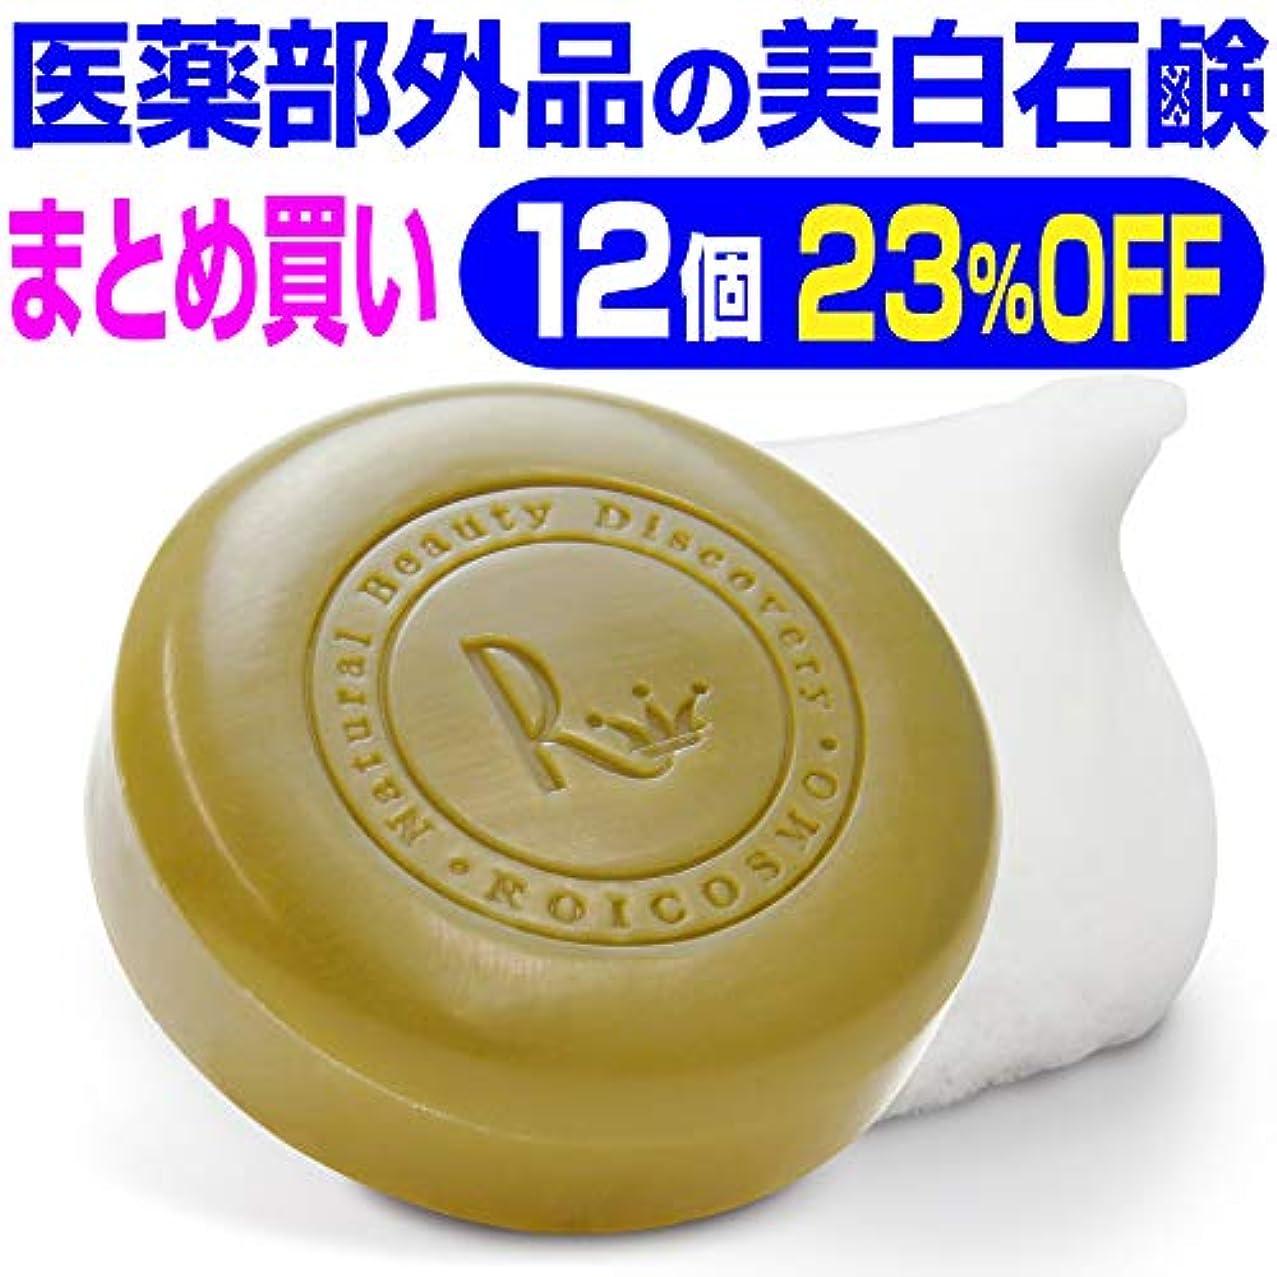 ウサギを必要としていますユニークな12個まとめ買い23%OFF 美白石鹸/ビタミンC270倍の美白成分配合の 洗顔石鹸『ホワイトソープ100g×12個』